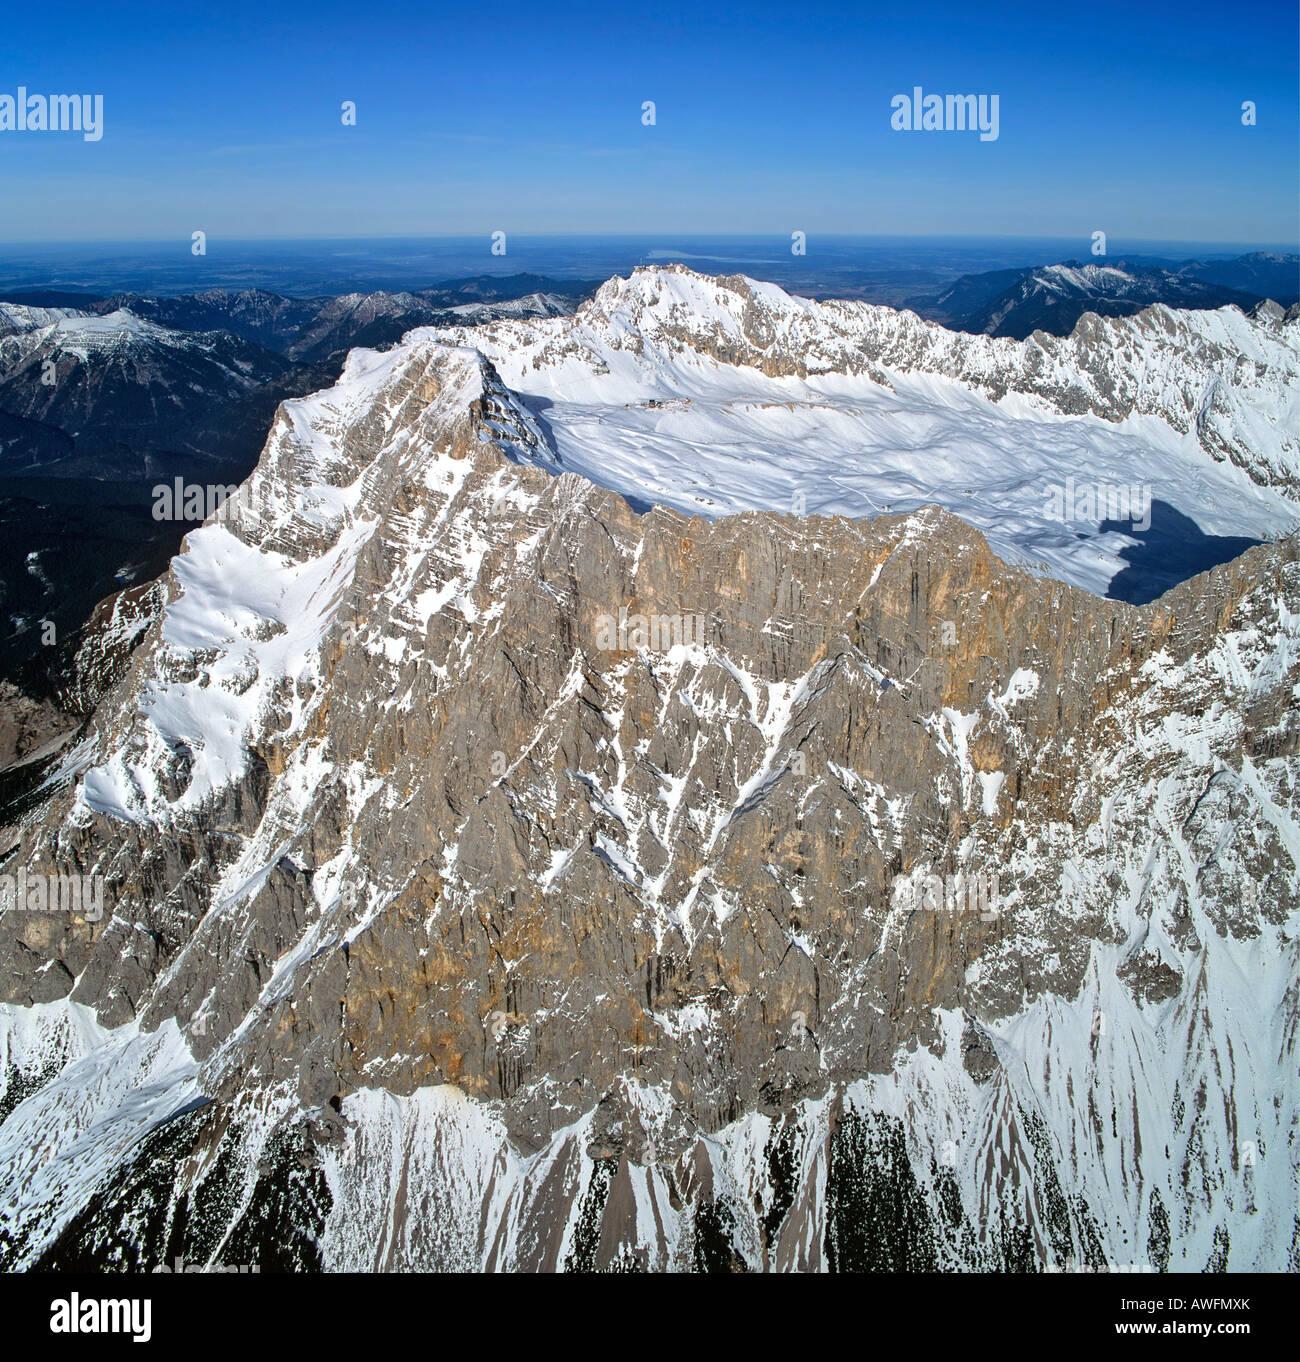 Mt. Zugspitze and Schneeferner Glacier, Wetterstein Range, Upper Bavaria, Bavaria, Germany, Europe - Stock Image